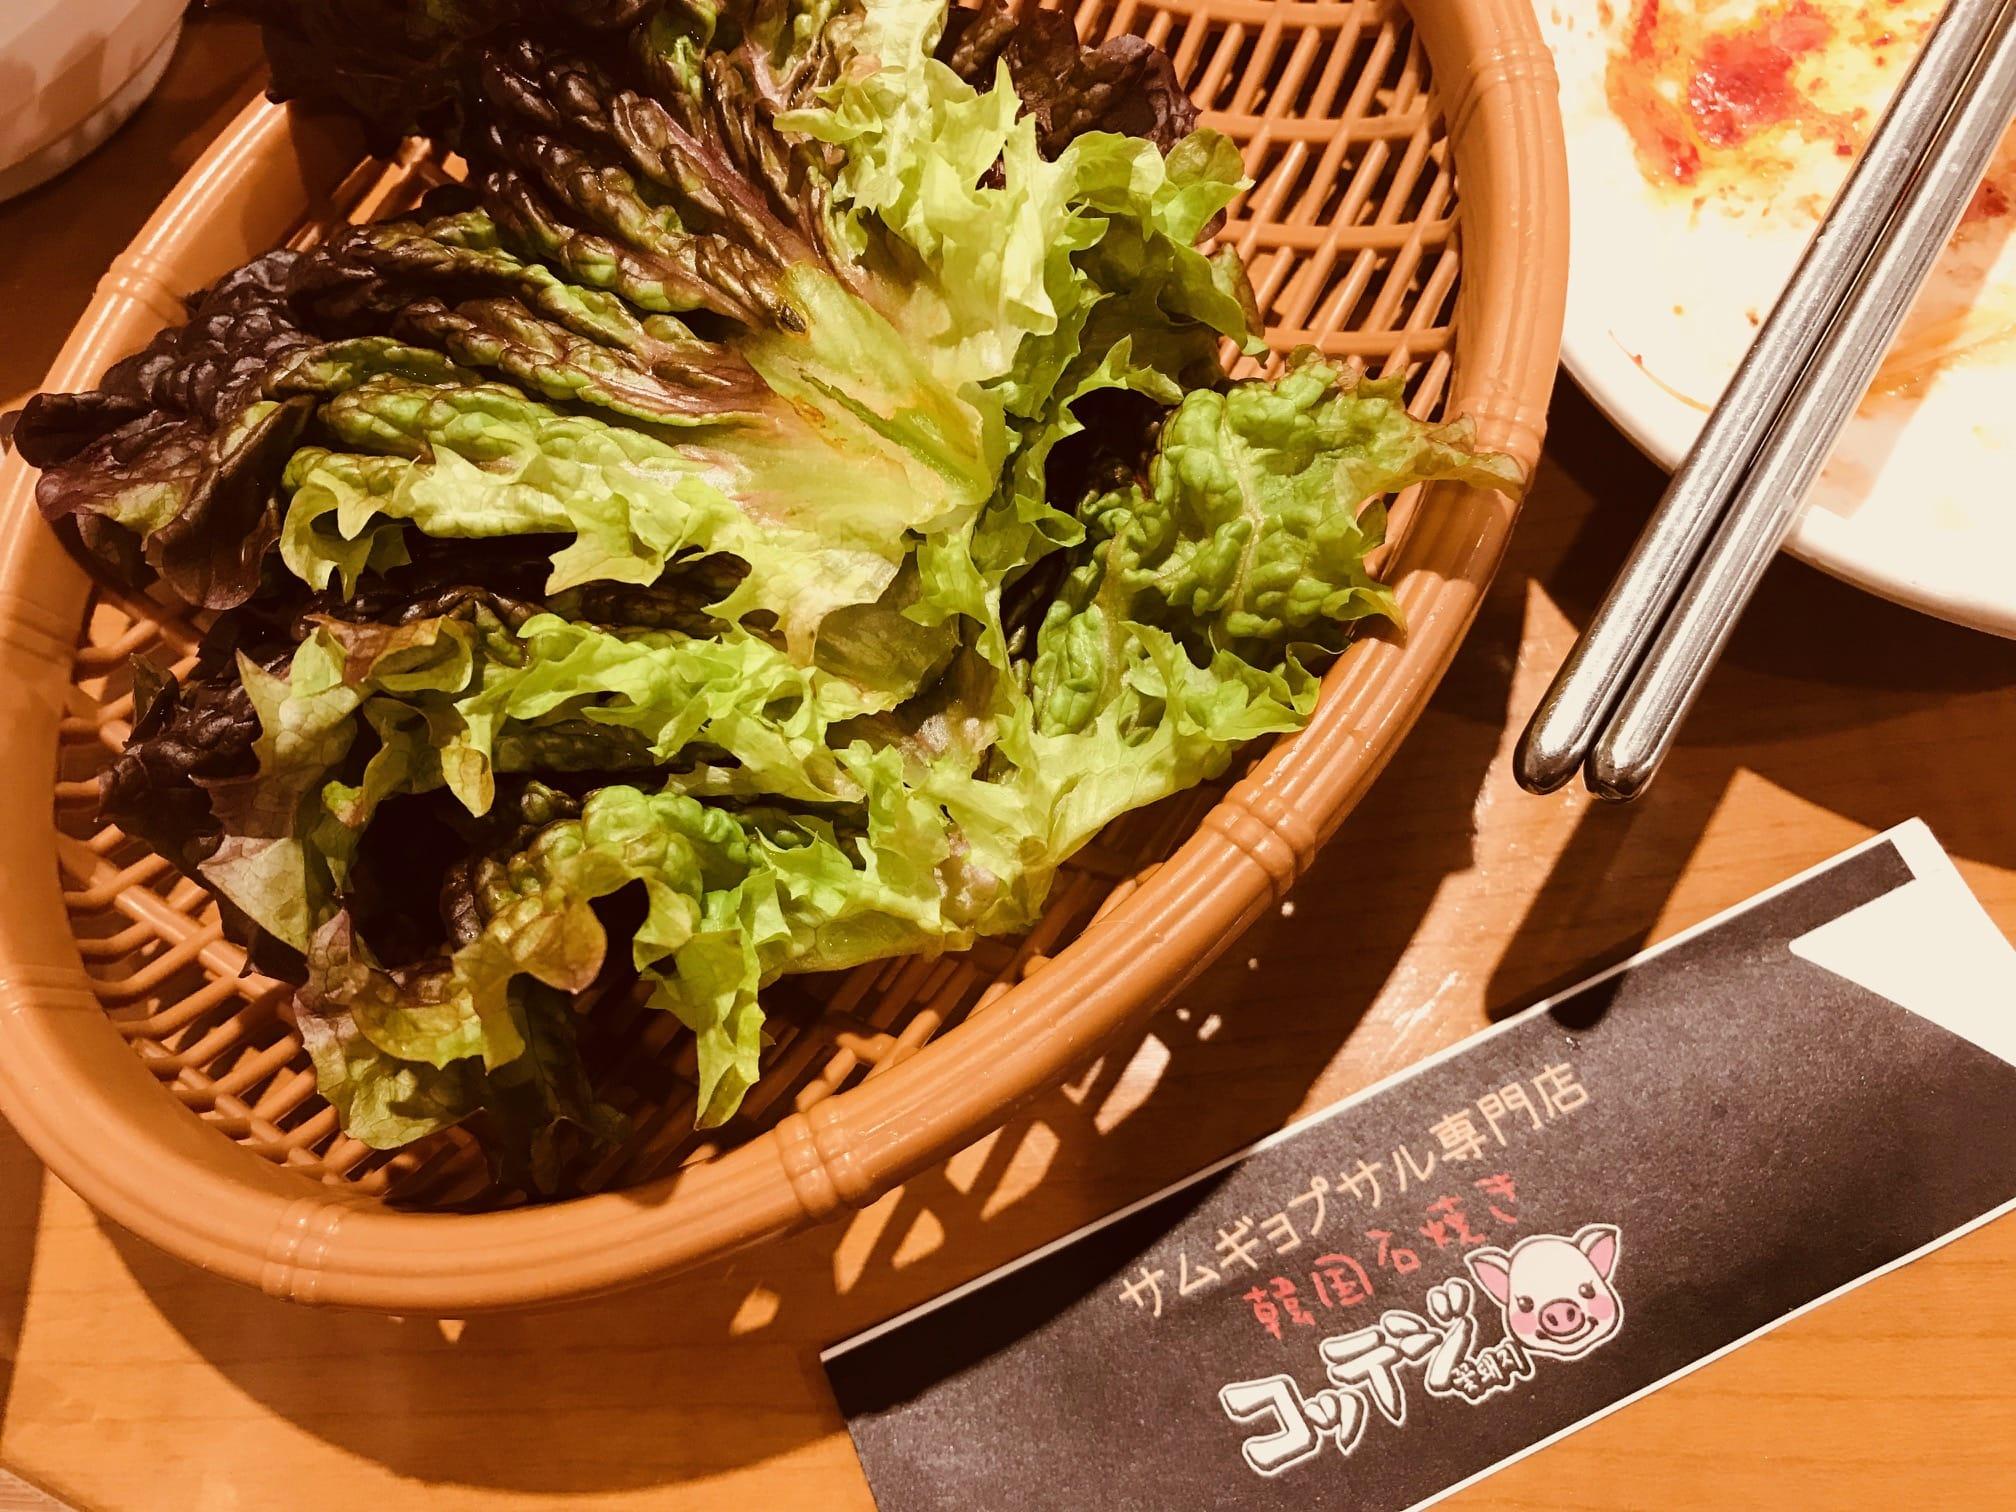 「うまうま〜(^0^)/」02/19(月) 20:14 | れいらの写メ・風俗動画